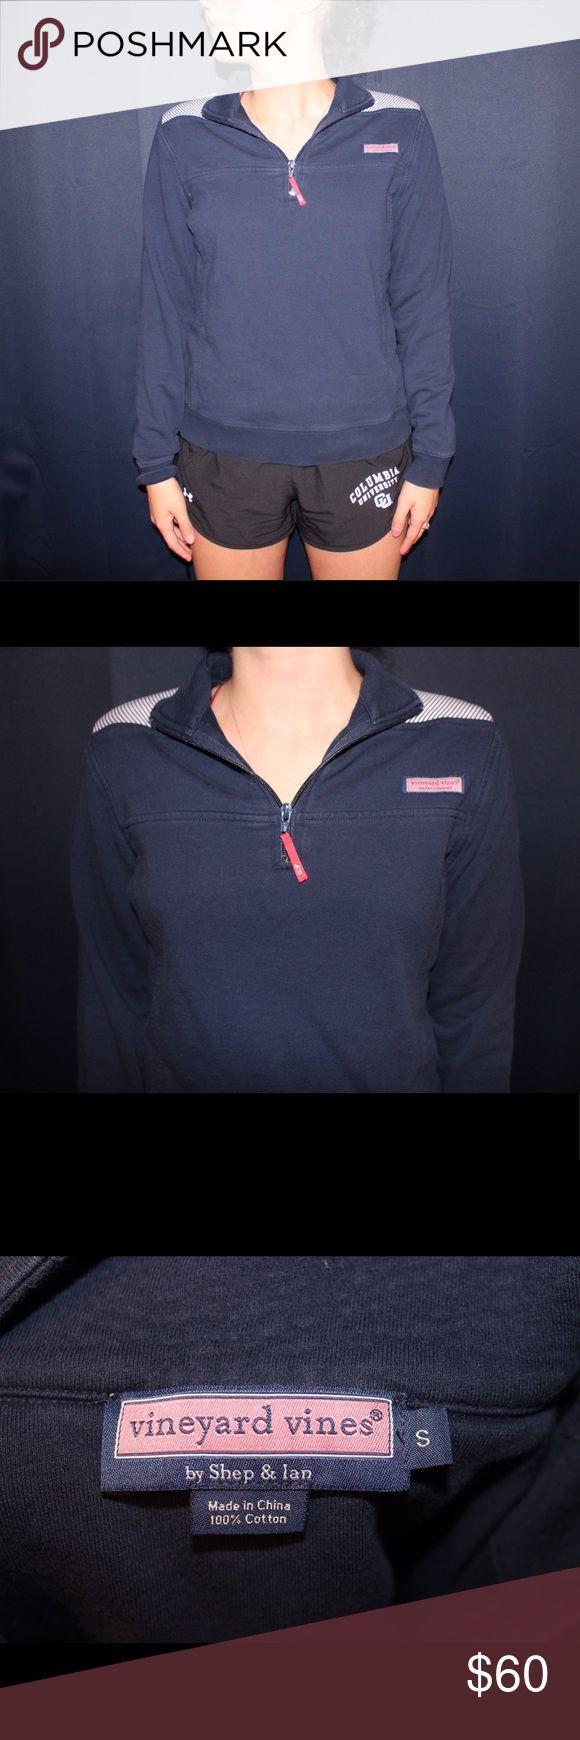 Vineyard Vines Pullover Comfy pullover Vineyard Vines Jackets & Coats